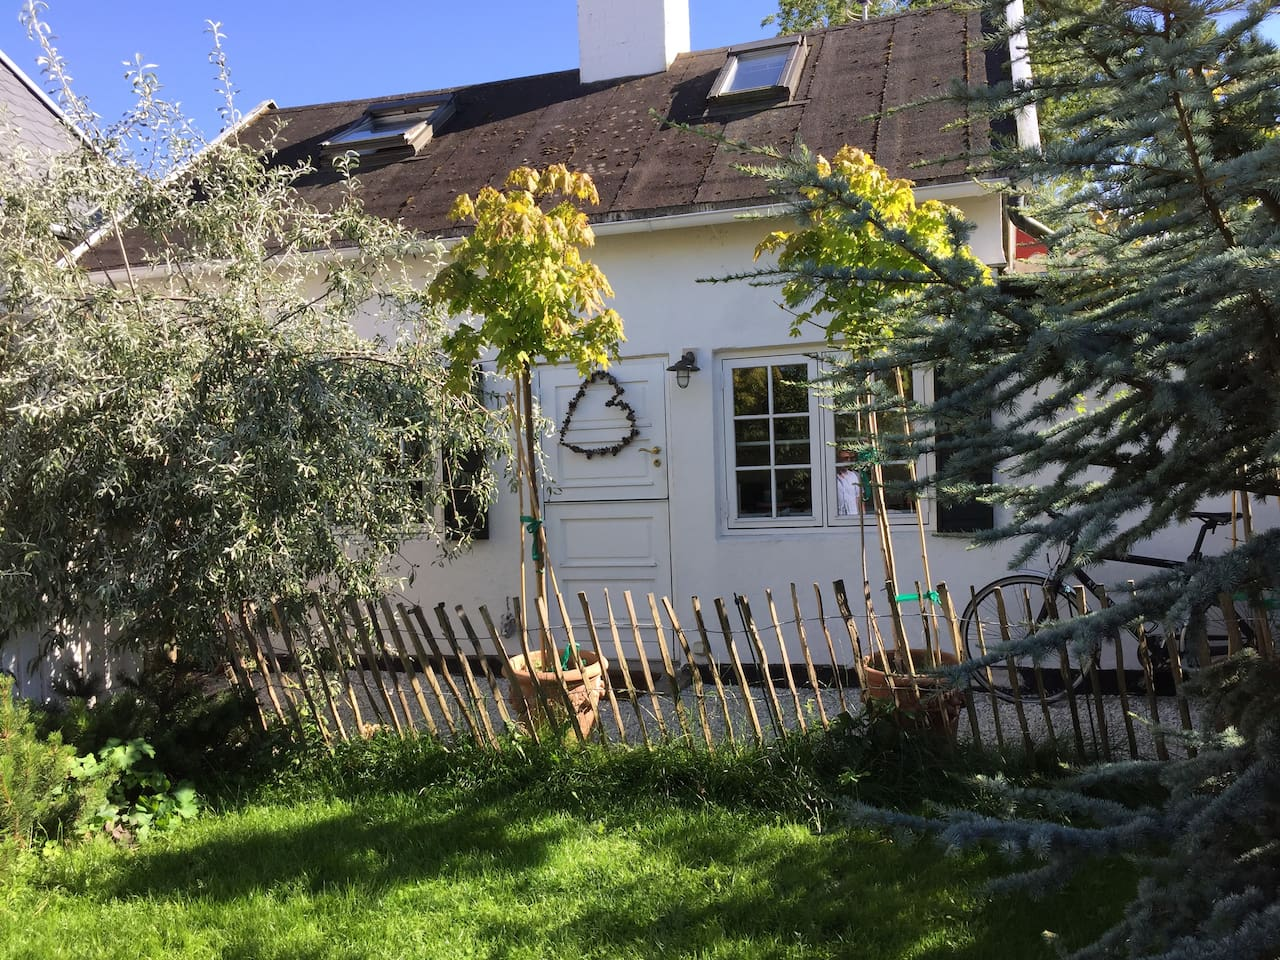 20 Mest Populære Sommerhus til leje i Hornbæk - Airbnb Hornbæk ...